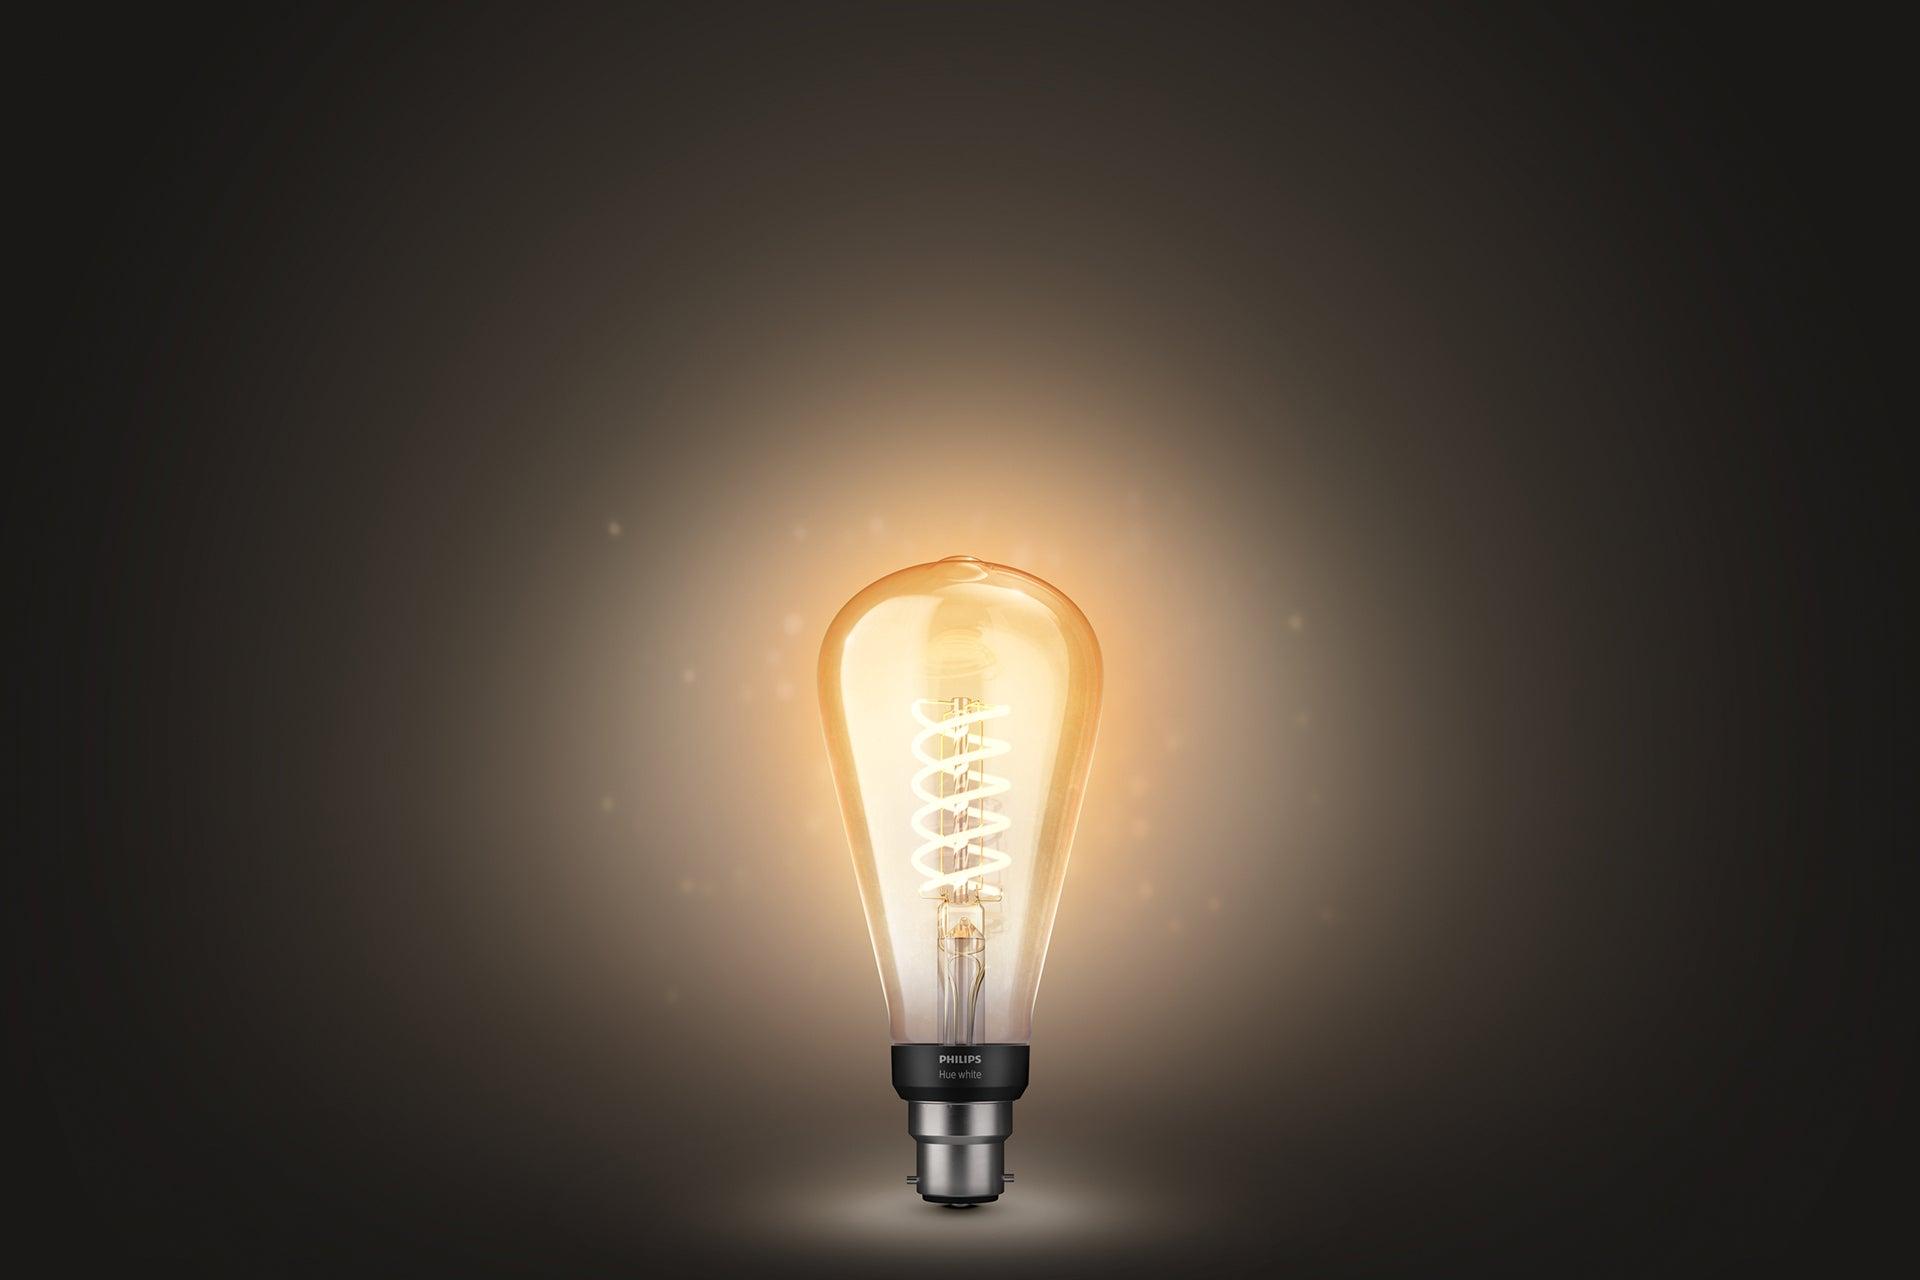 Så här fixar du Hue -lampor som har slutat fungera med Alexa